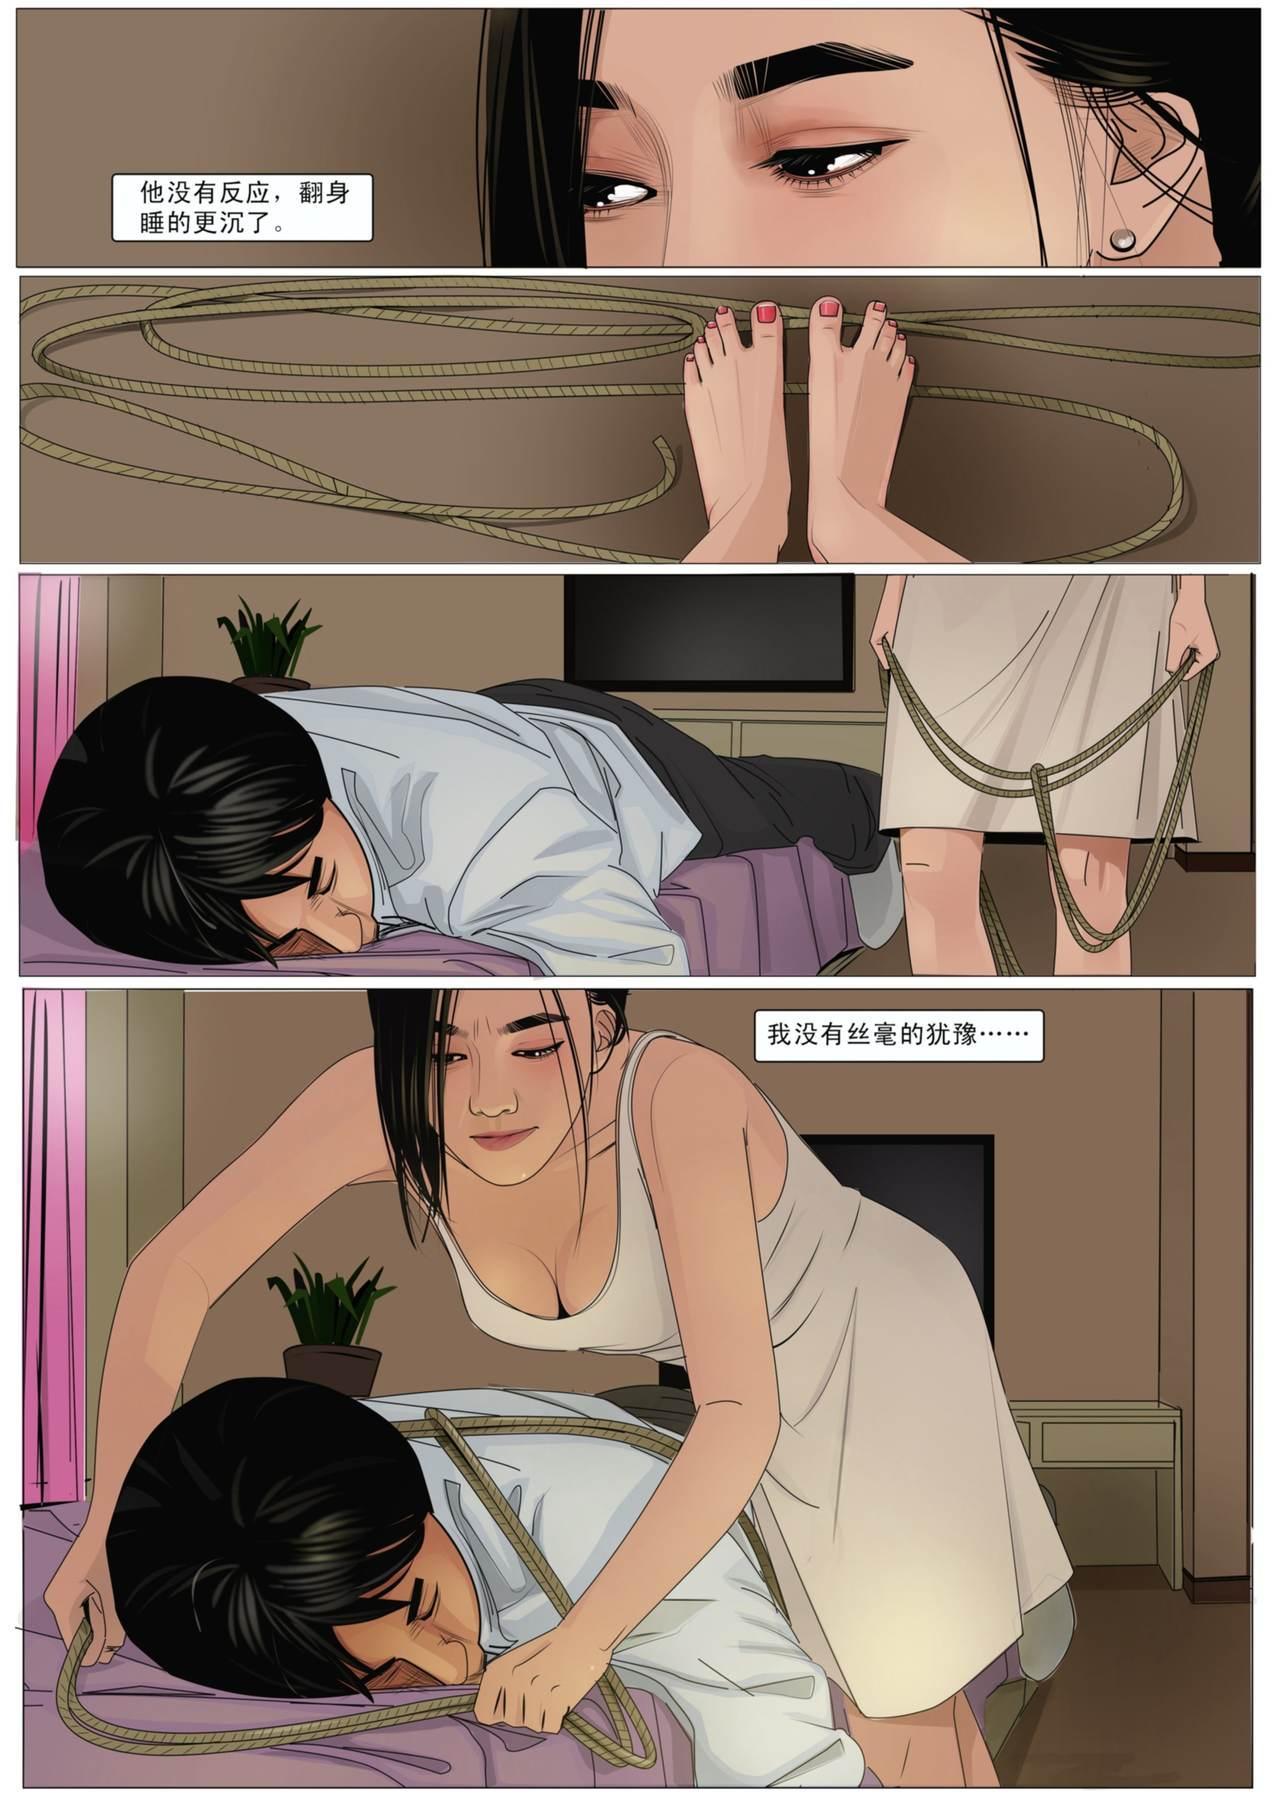 [枫语]Three Female Prisoners 3 [Chinese]中文 9